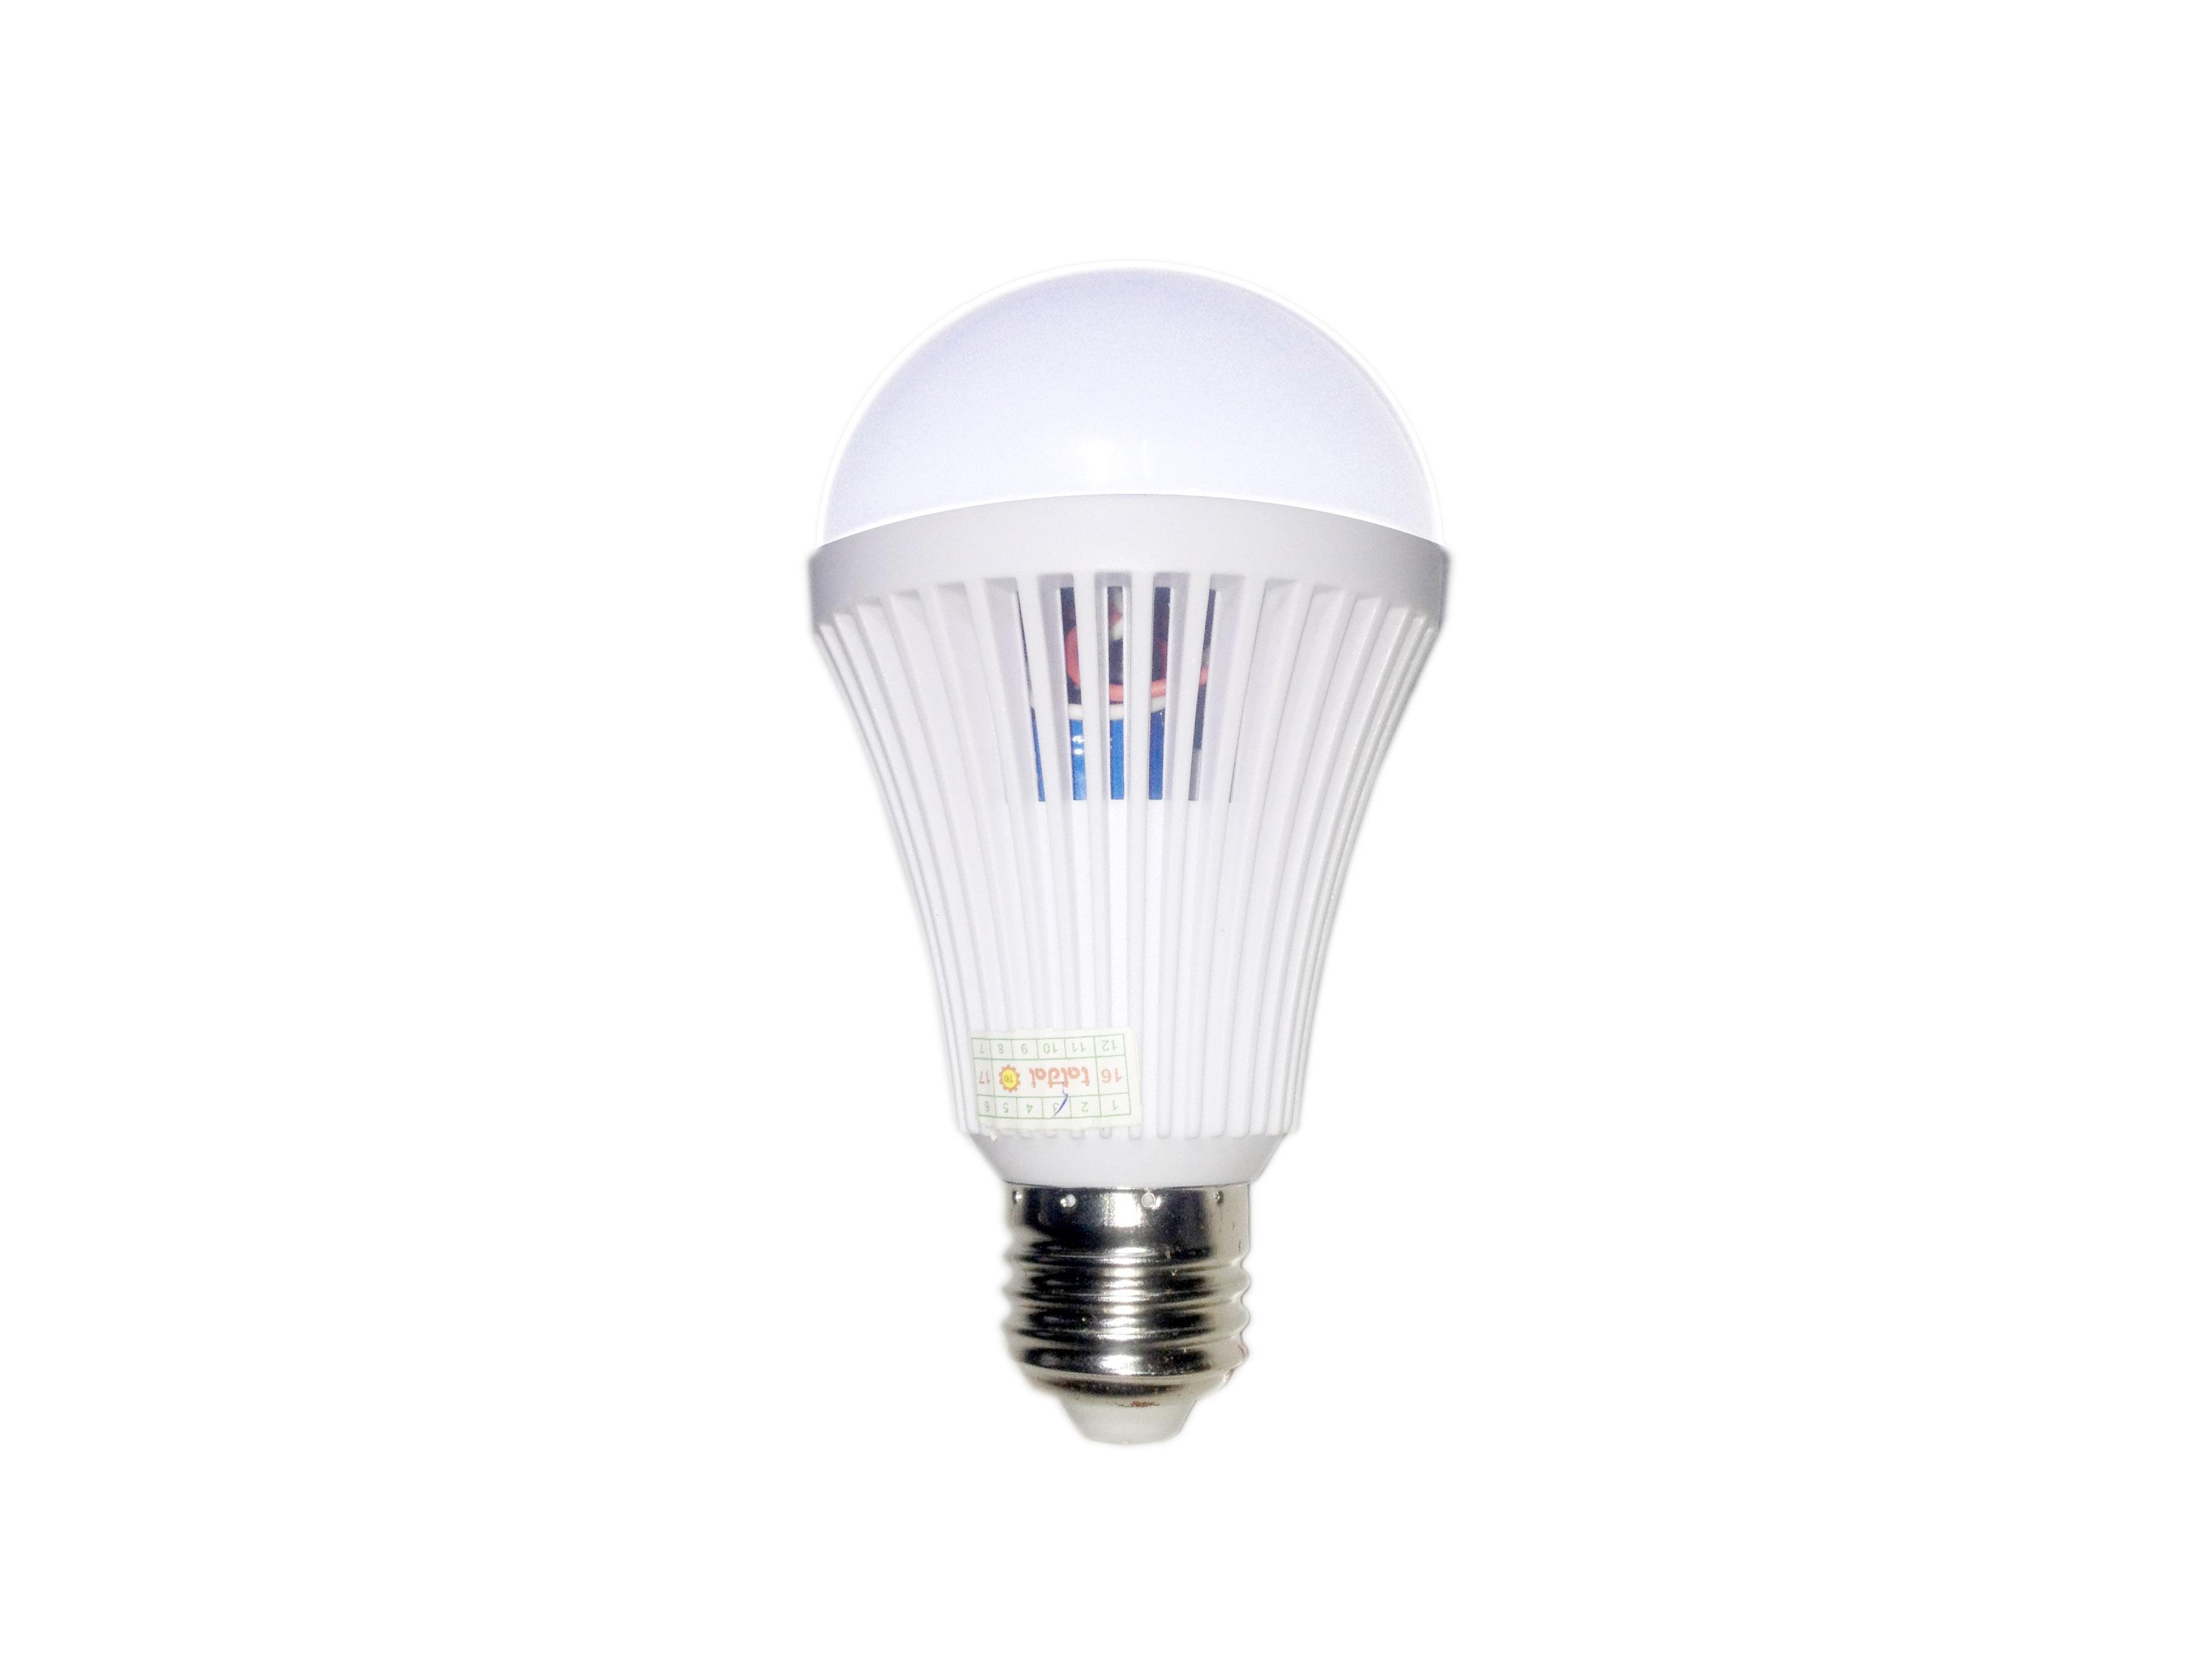 Đèn led 7W - 220V (có Pin sạc tích điện)